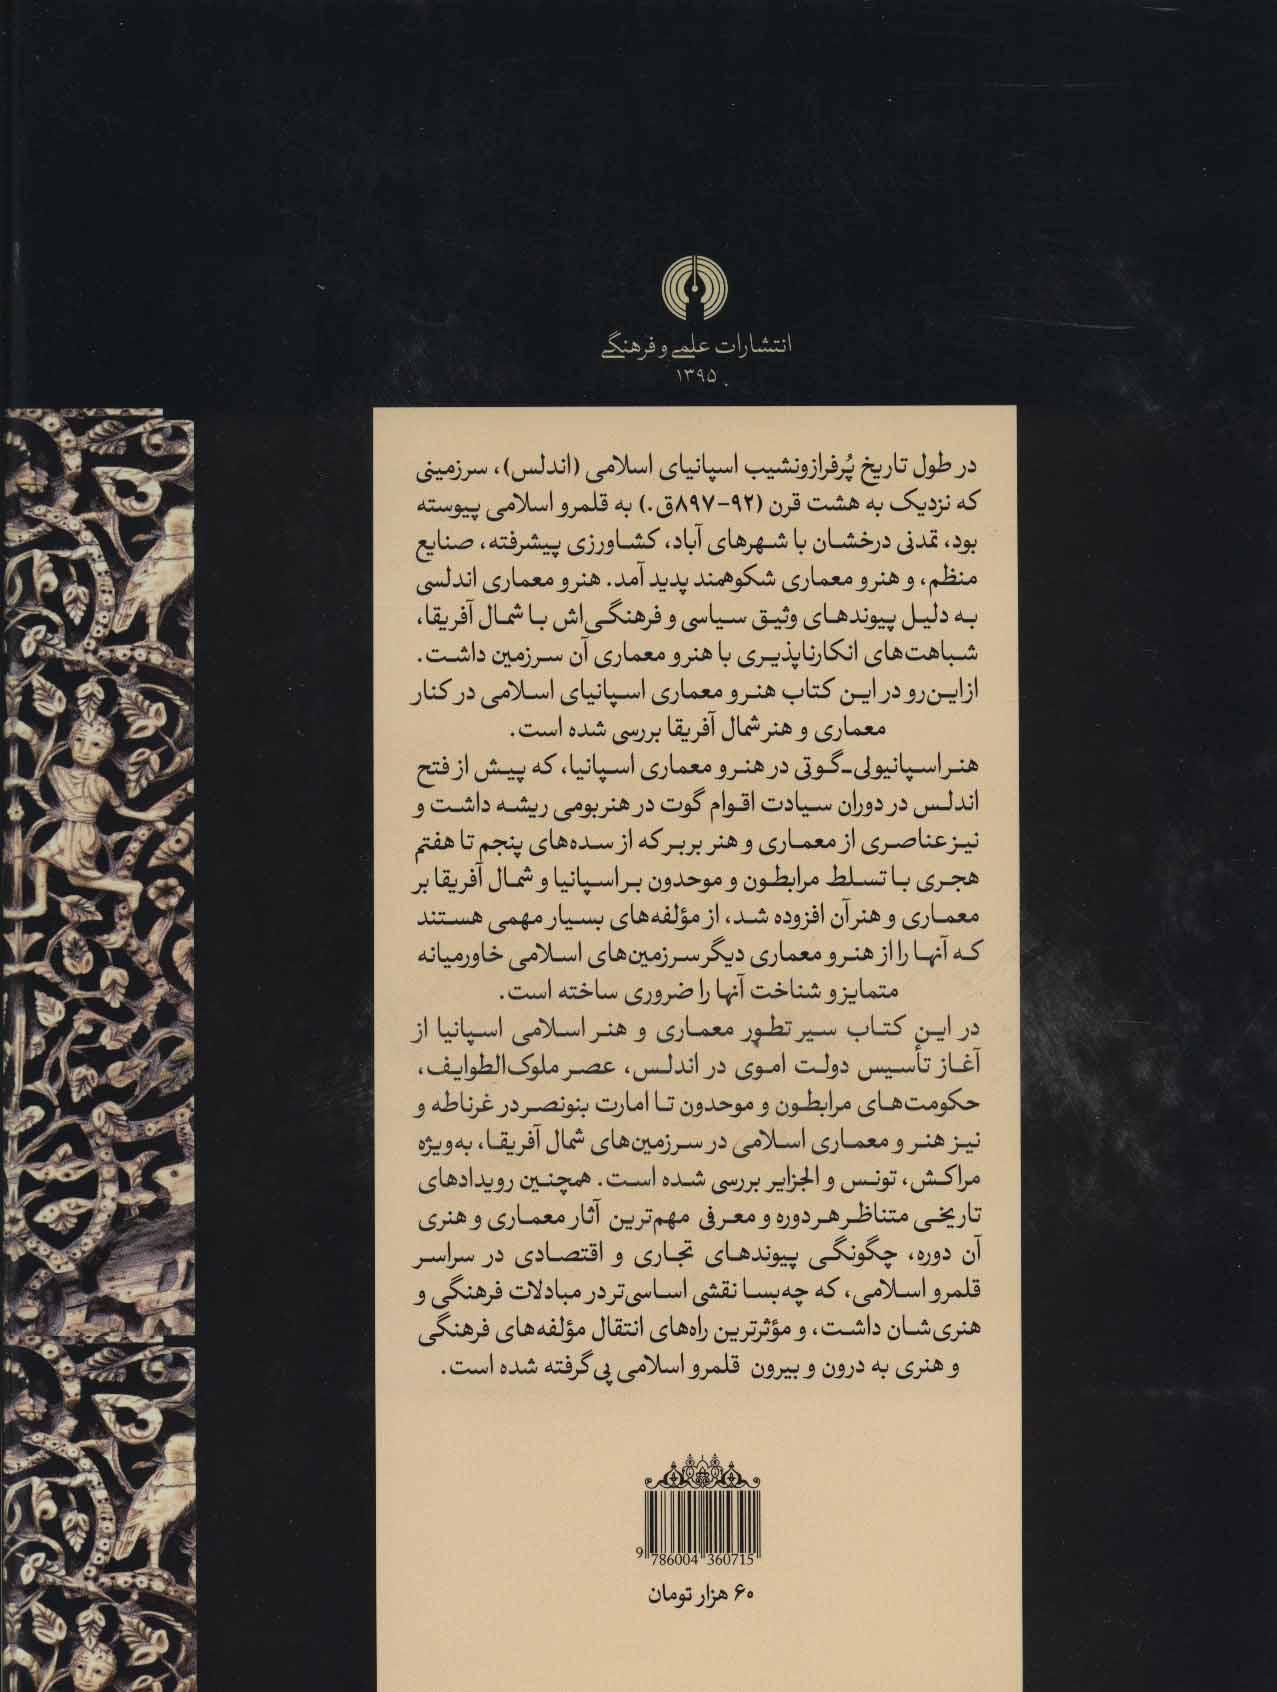 معماری و هنر اسلامی در اسپانیا و شمال آفریقا (گلاسه)